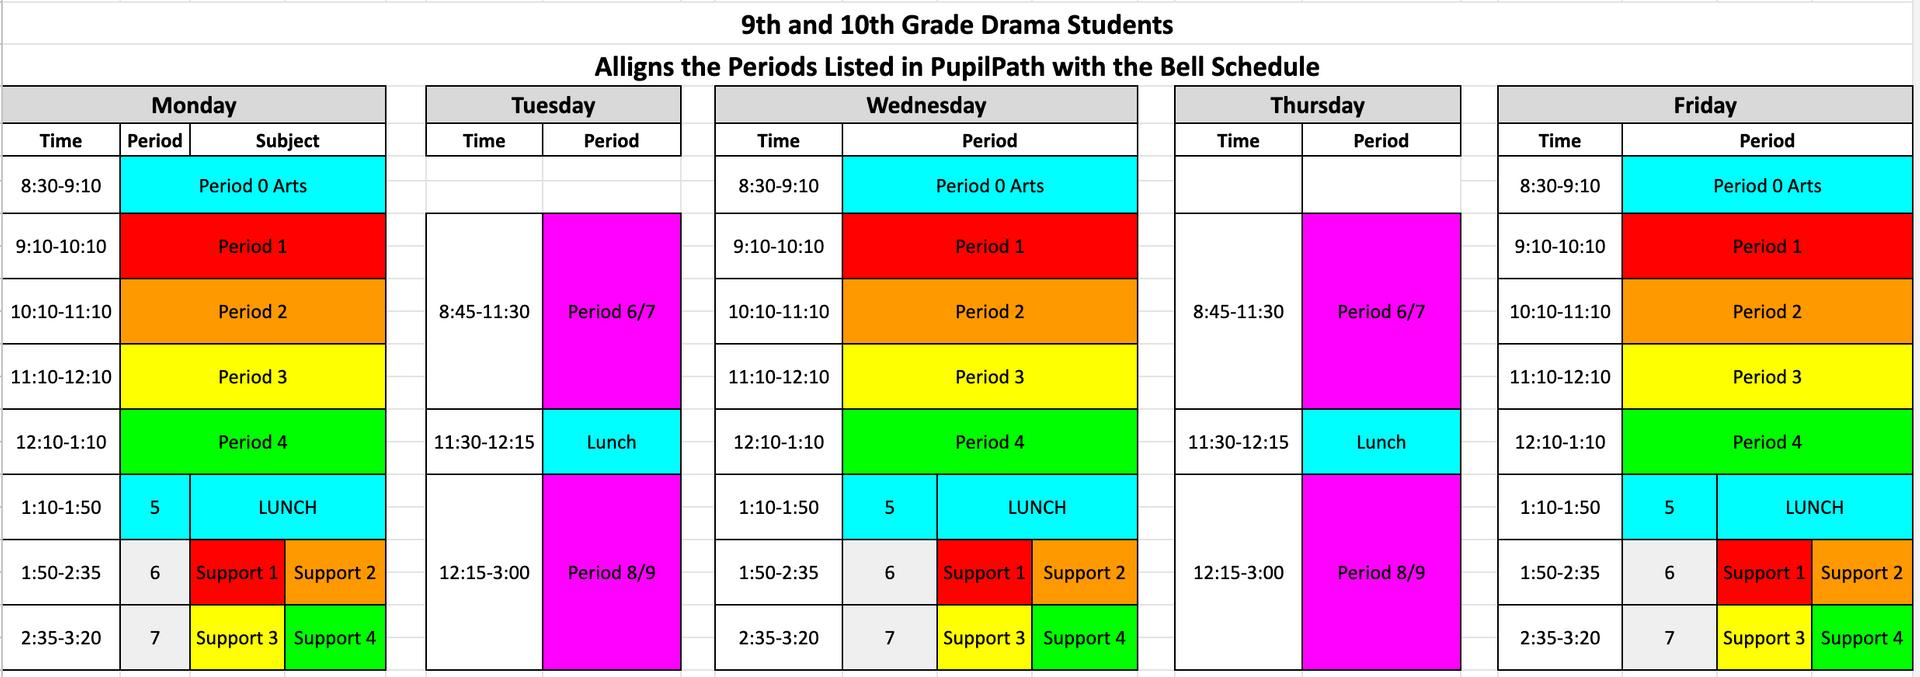 Drama Bell Schedules.